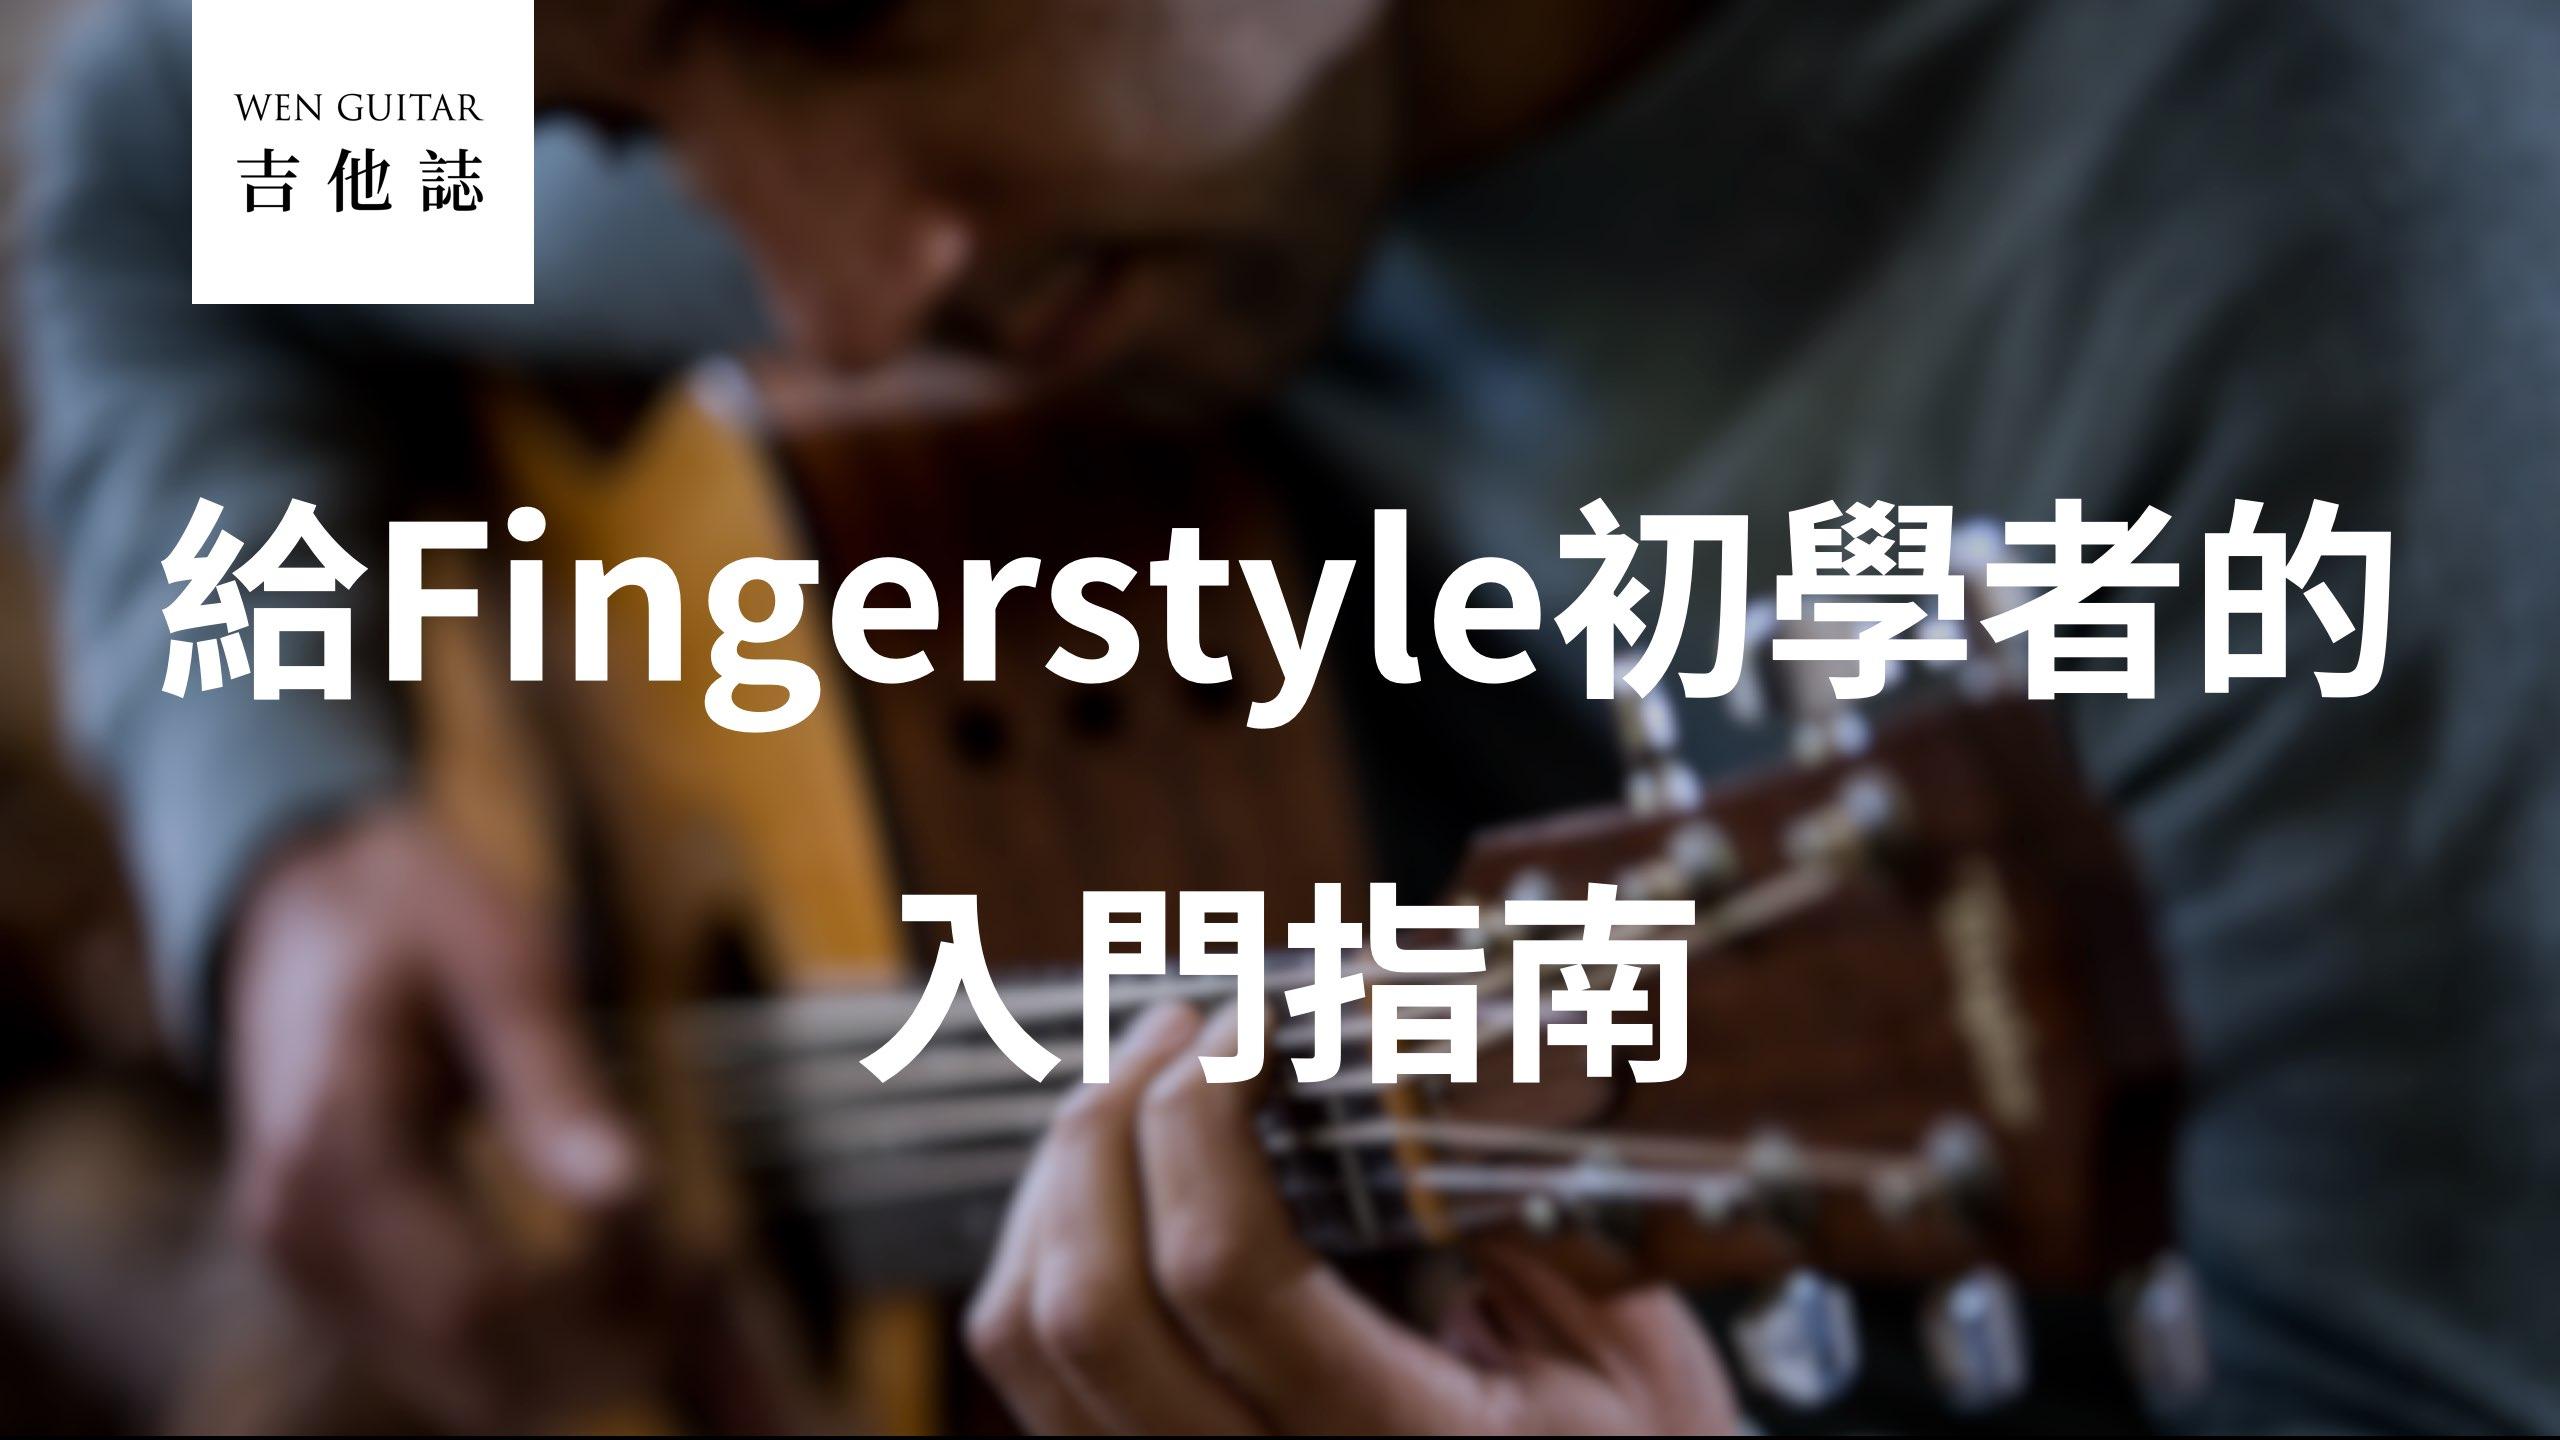 fingerstyle入門